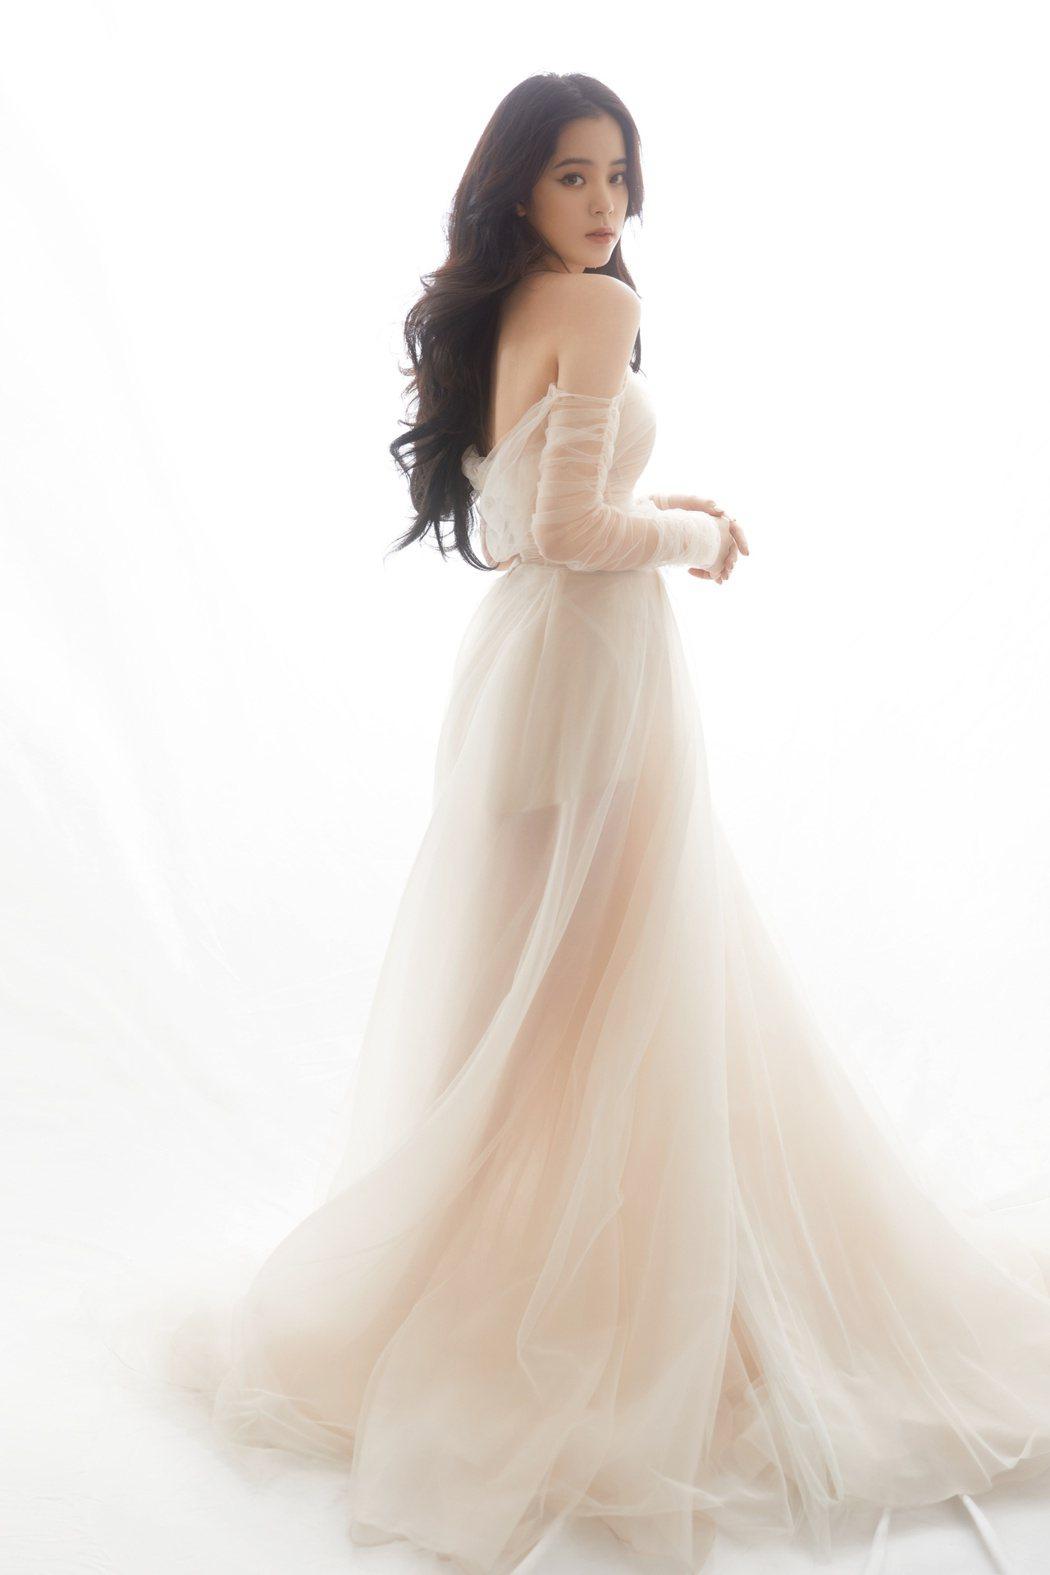 圖為歐陽娜娜曝光在工作室微博的照片。圖 / 擷自歐陽娜娜工作室微博